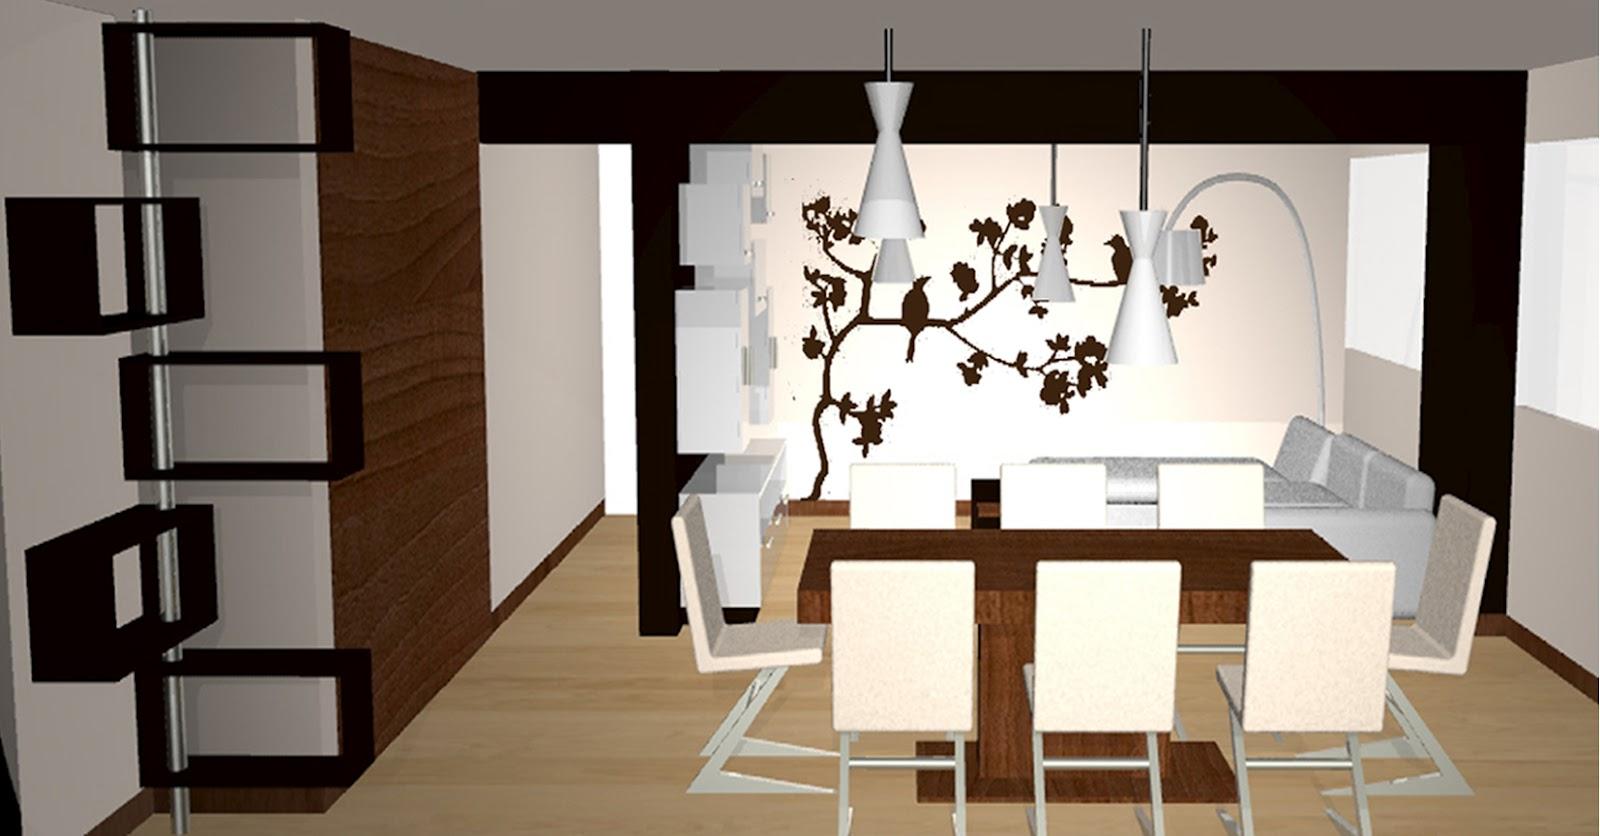 Remodelaci n interior de departamento dise o 3d por - Comedores bonitos y modernos ...